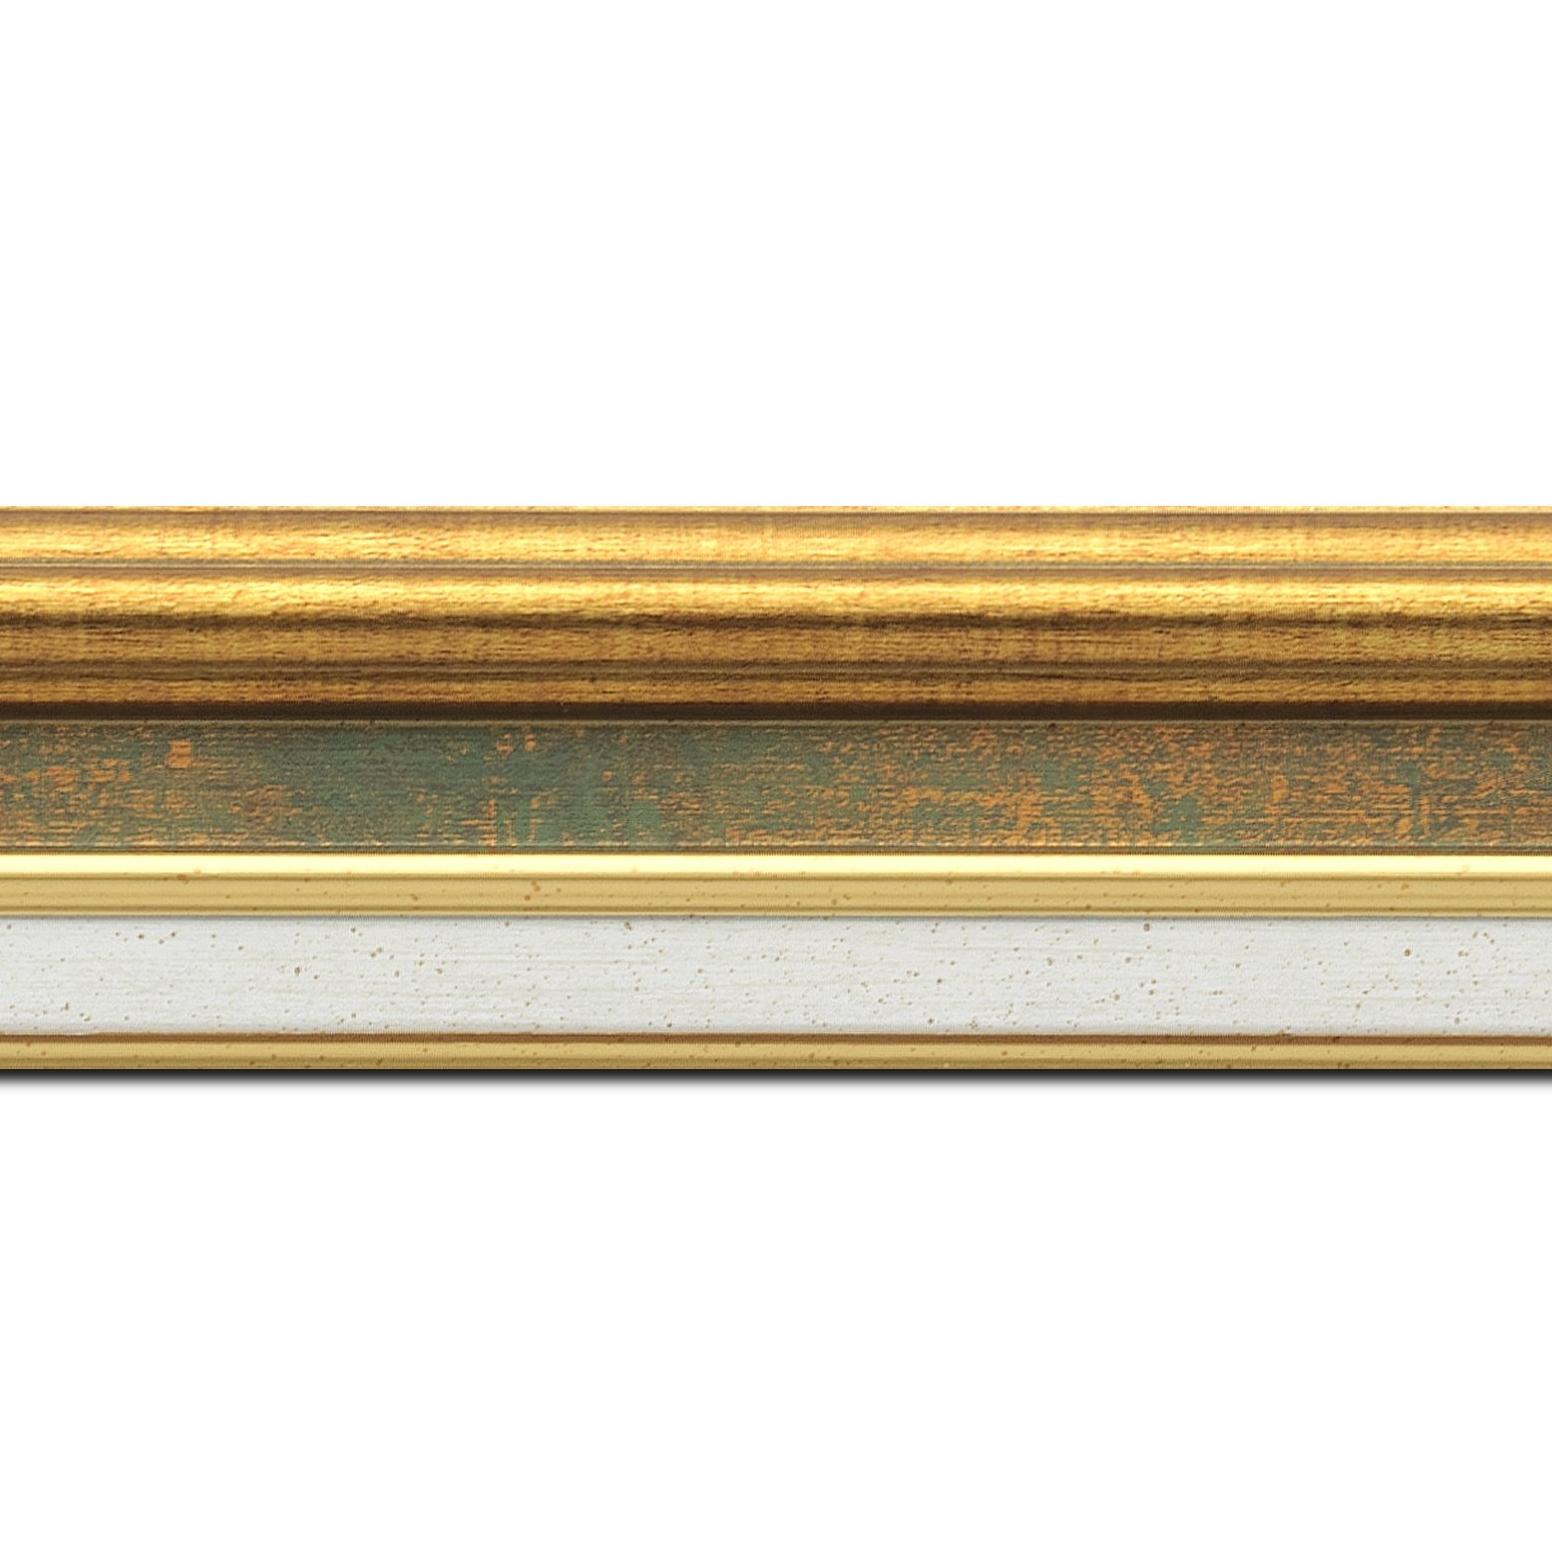 Baguette longueur 1.40m bois largeur 5.2cm or gorge vert fond or  marie louise crème filet or intégrée